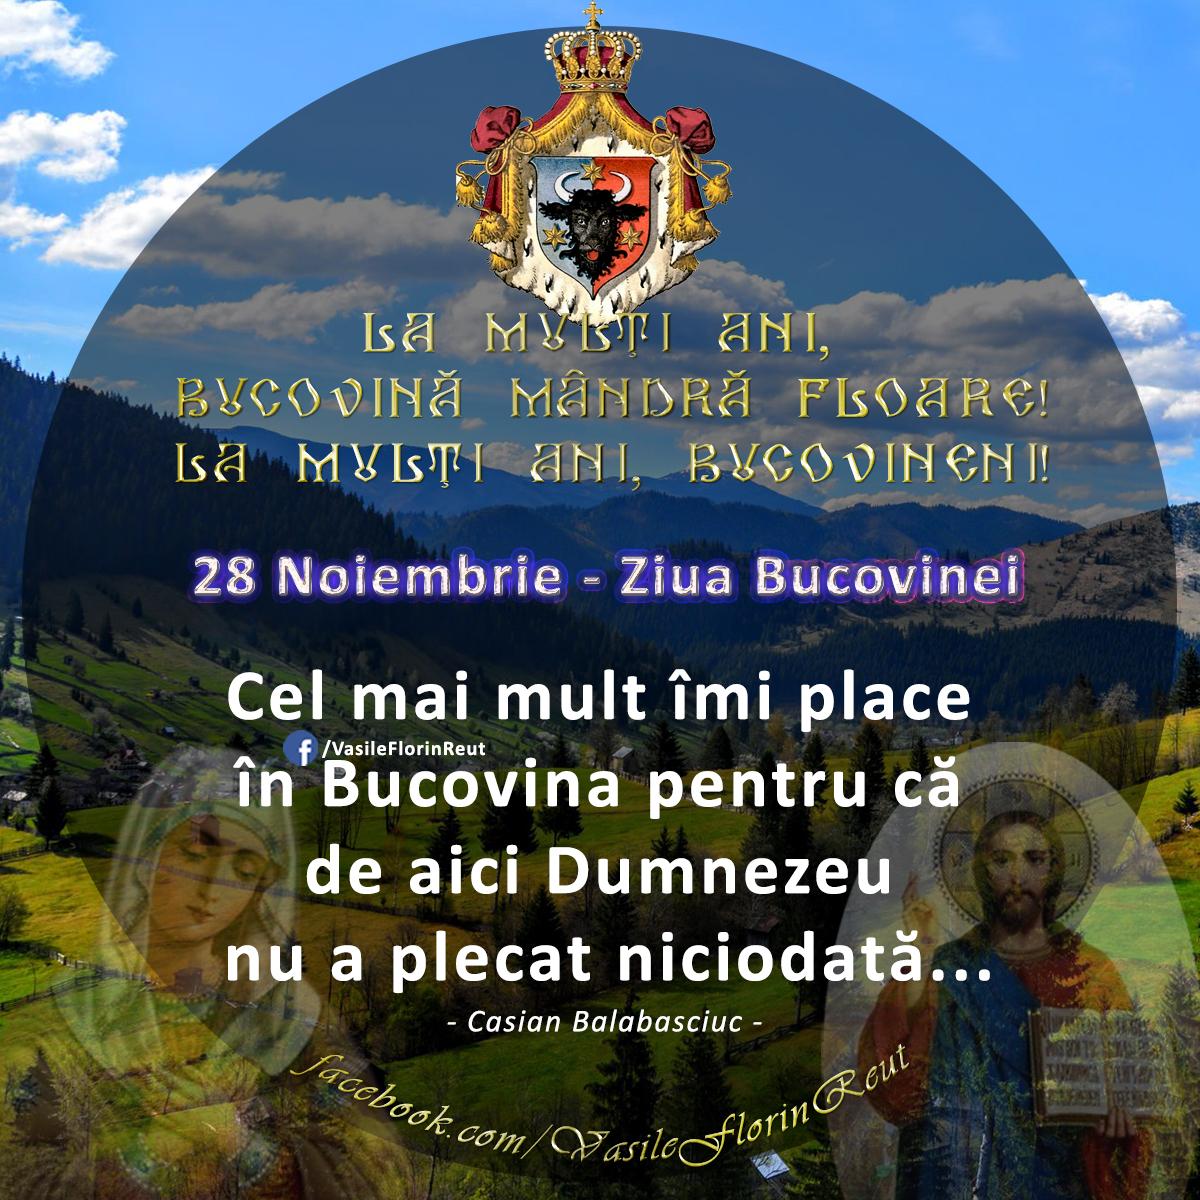 De ce îmi place Bucovina?